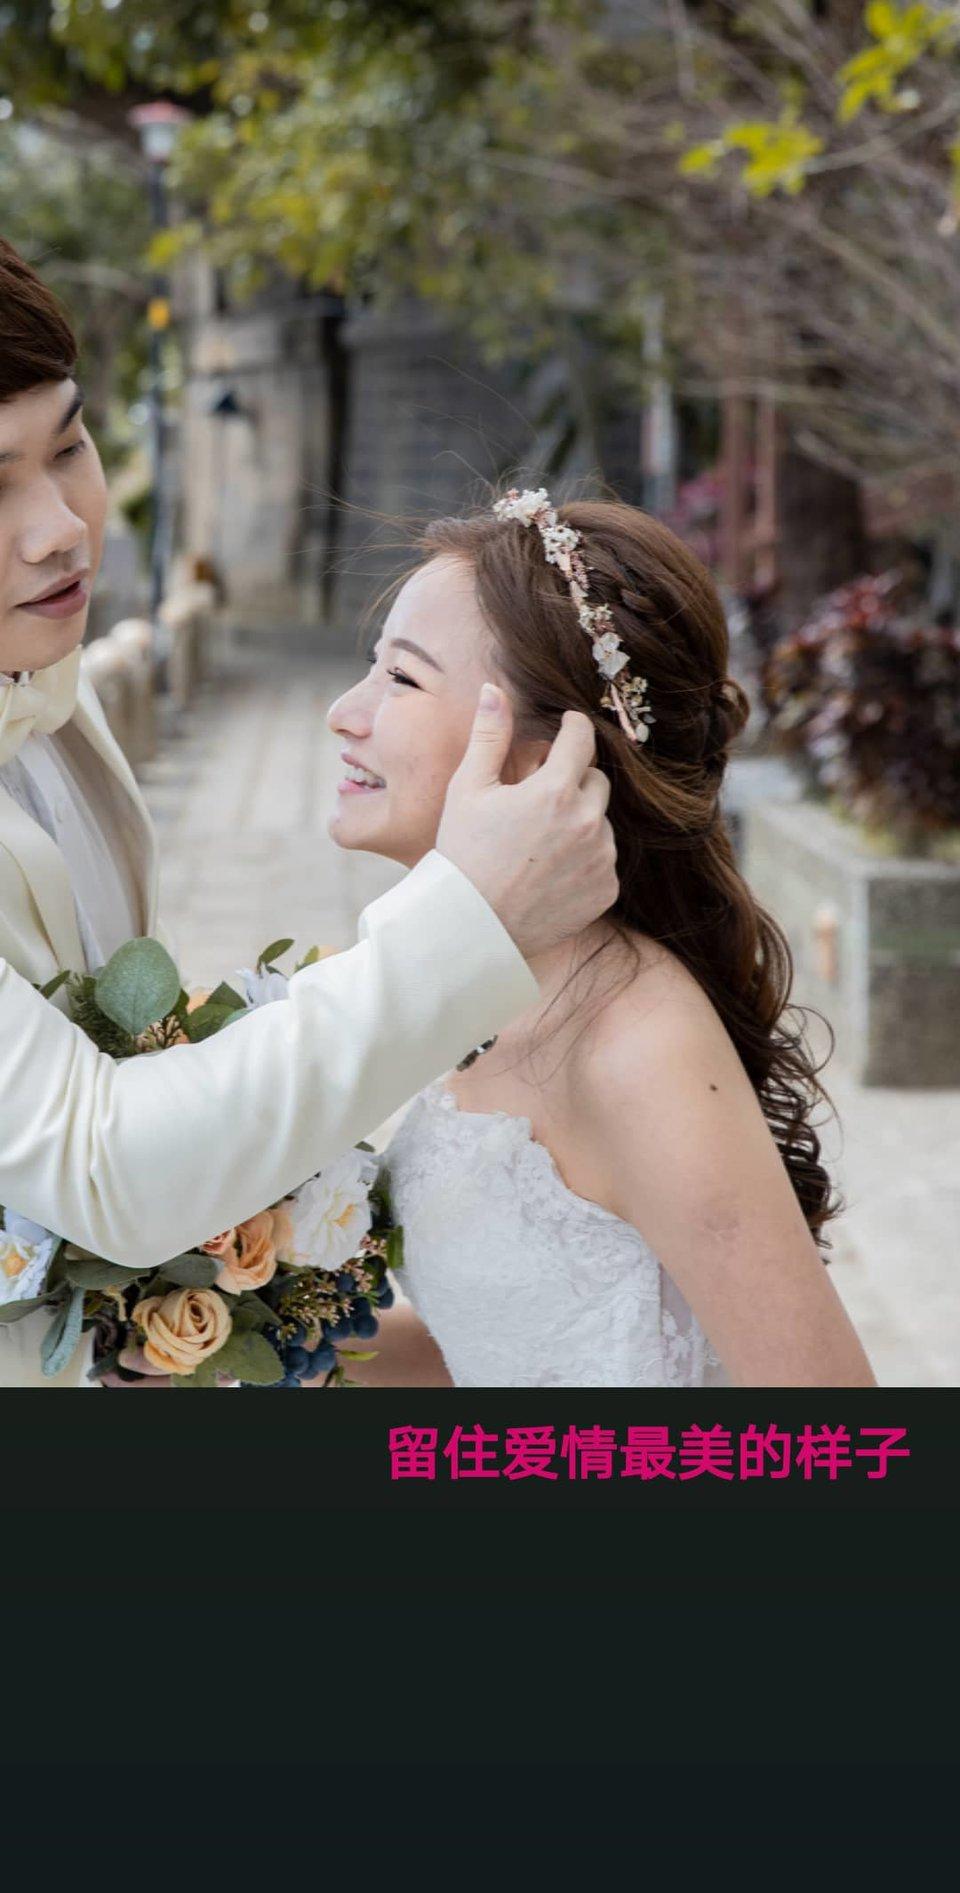 伊頓自助婚紗攝影工作室(新北板橋店),从马来西亚到台湾拍摄婚纱照